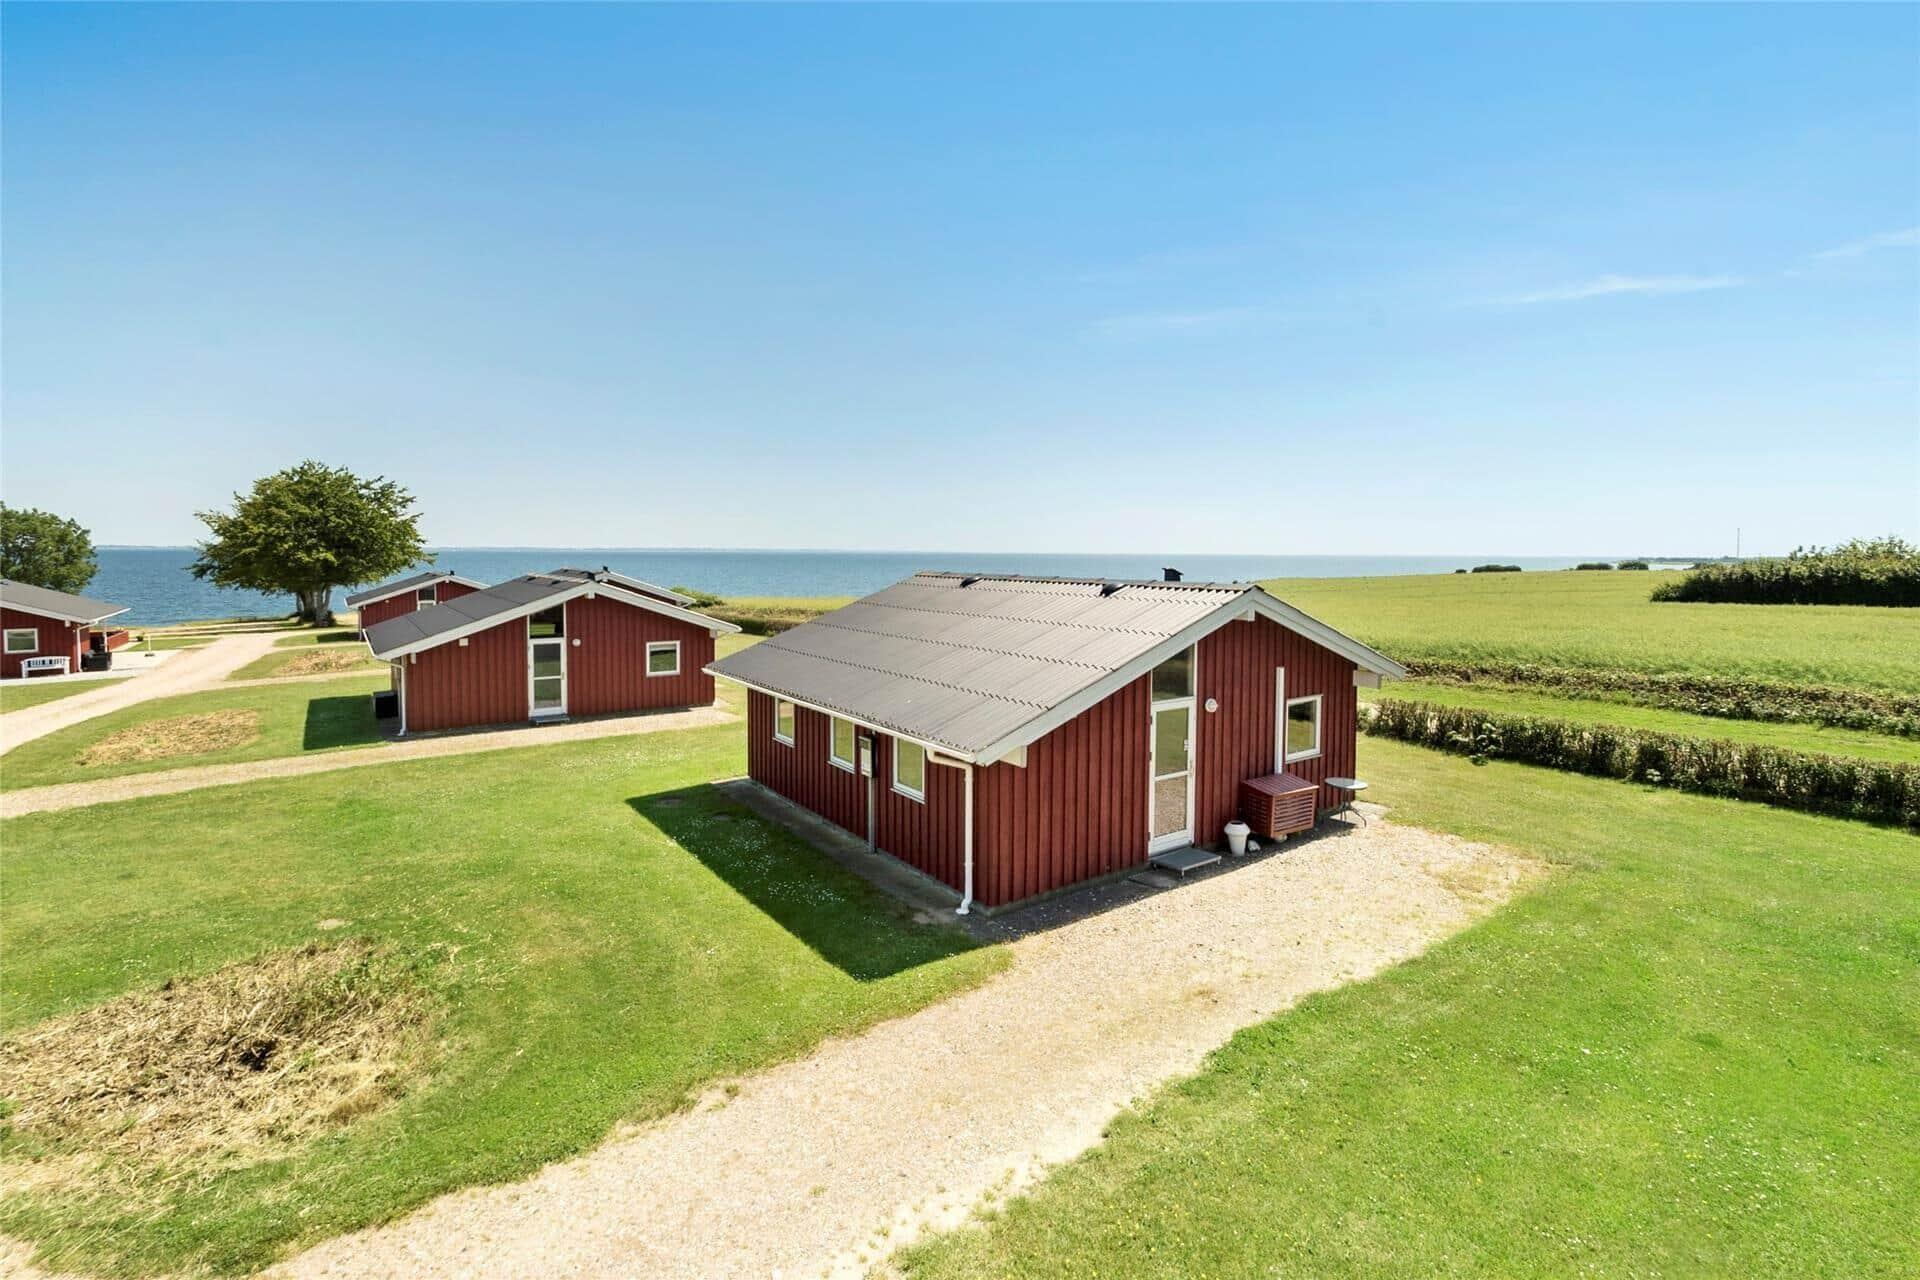 Billede 1-3 Sommerhus F50388, Fiskervej 35, DK - 6470 Sydals